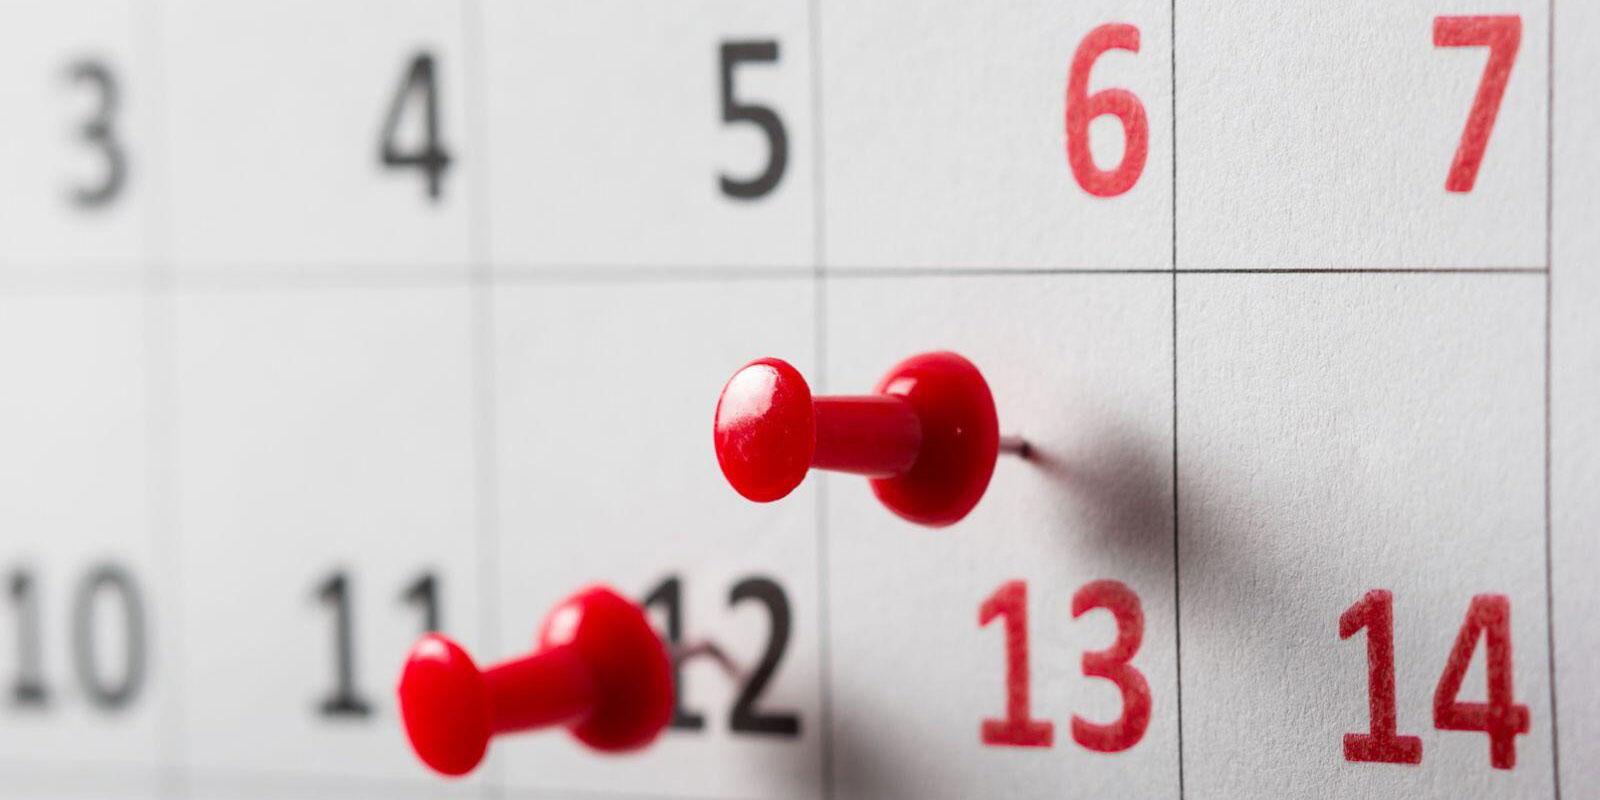 AKTUALIZOVÁNO: Odklad splátek úvěrů a hypoték kvůli koronaviru až o 3 měsíce. Co víme už nyní?